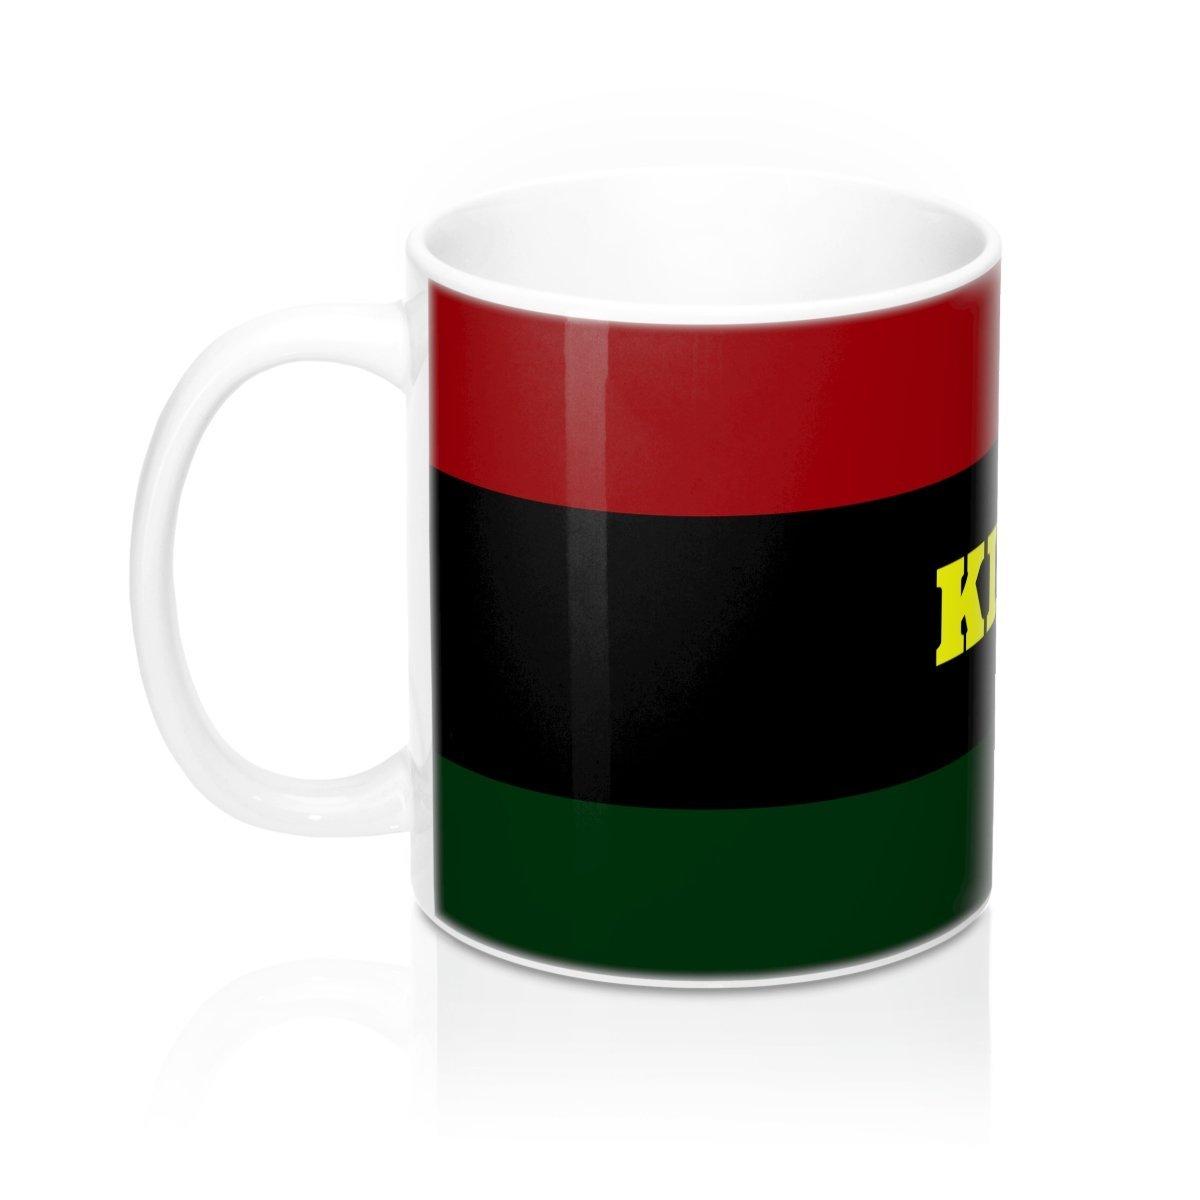 King RBG Mug - Melanin Apparel